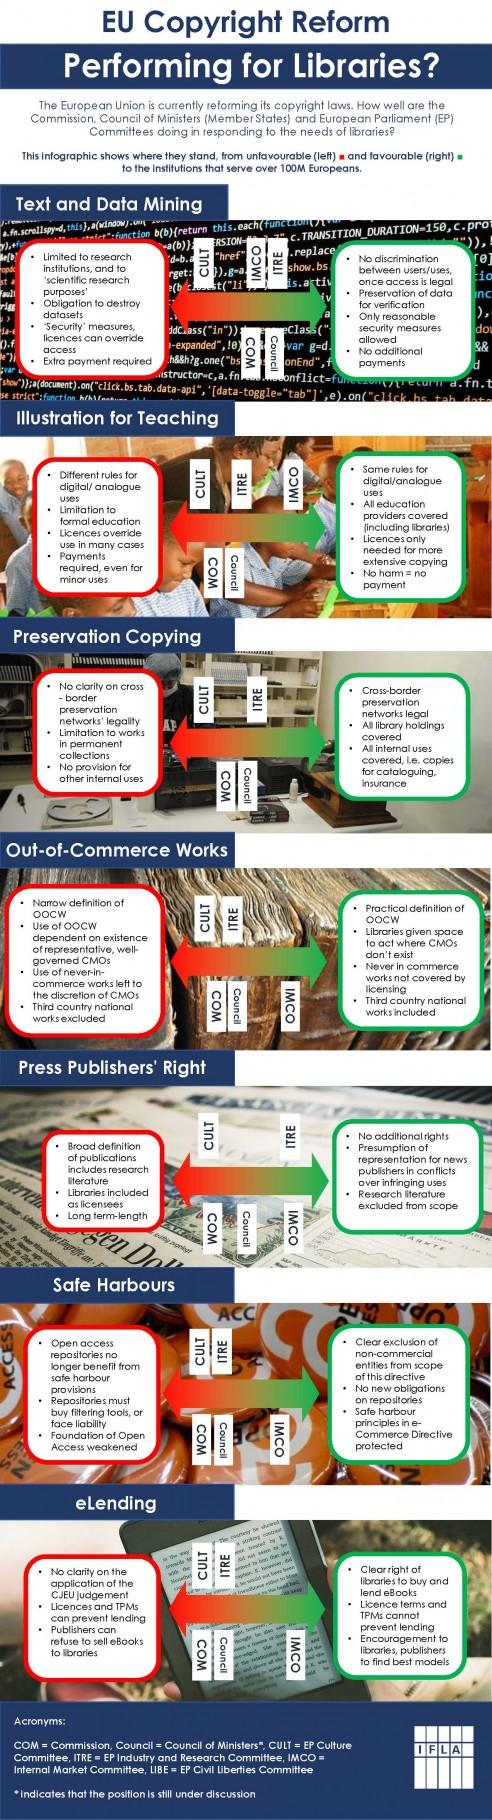 EU-Copyright Reform Infographic